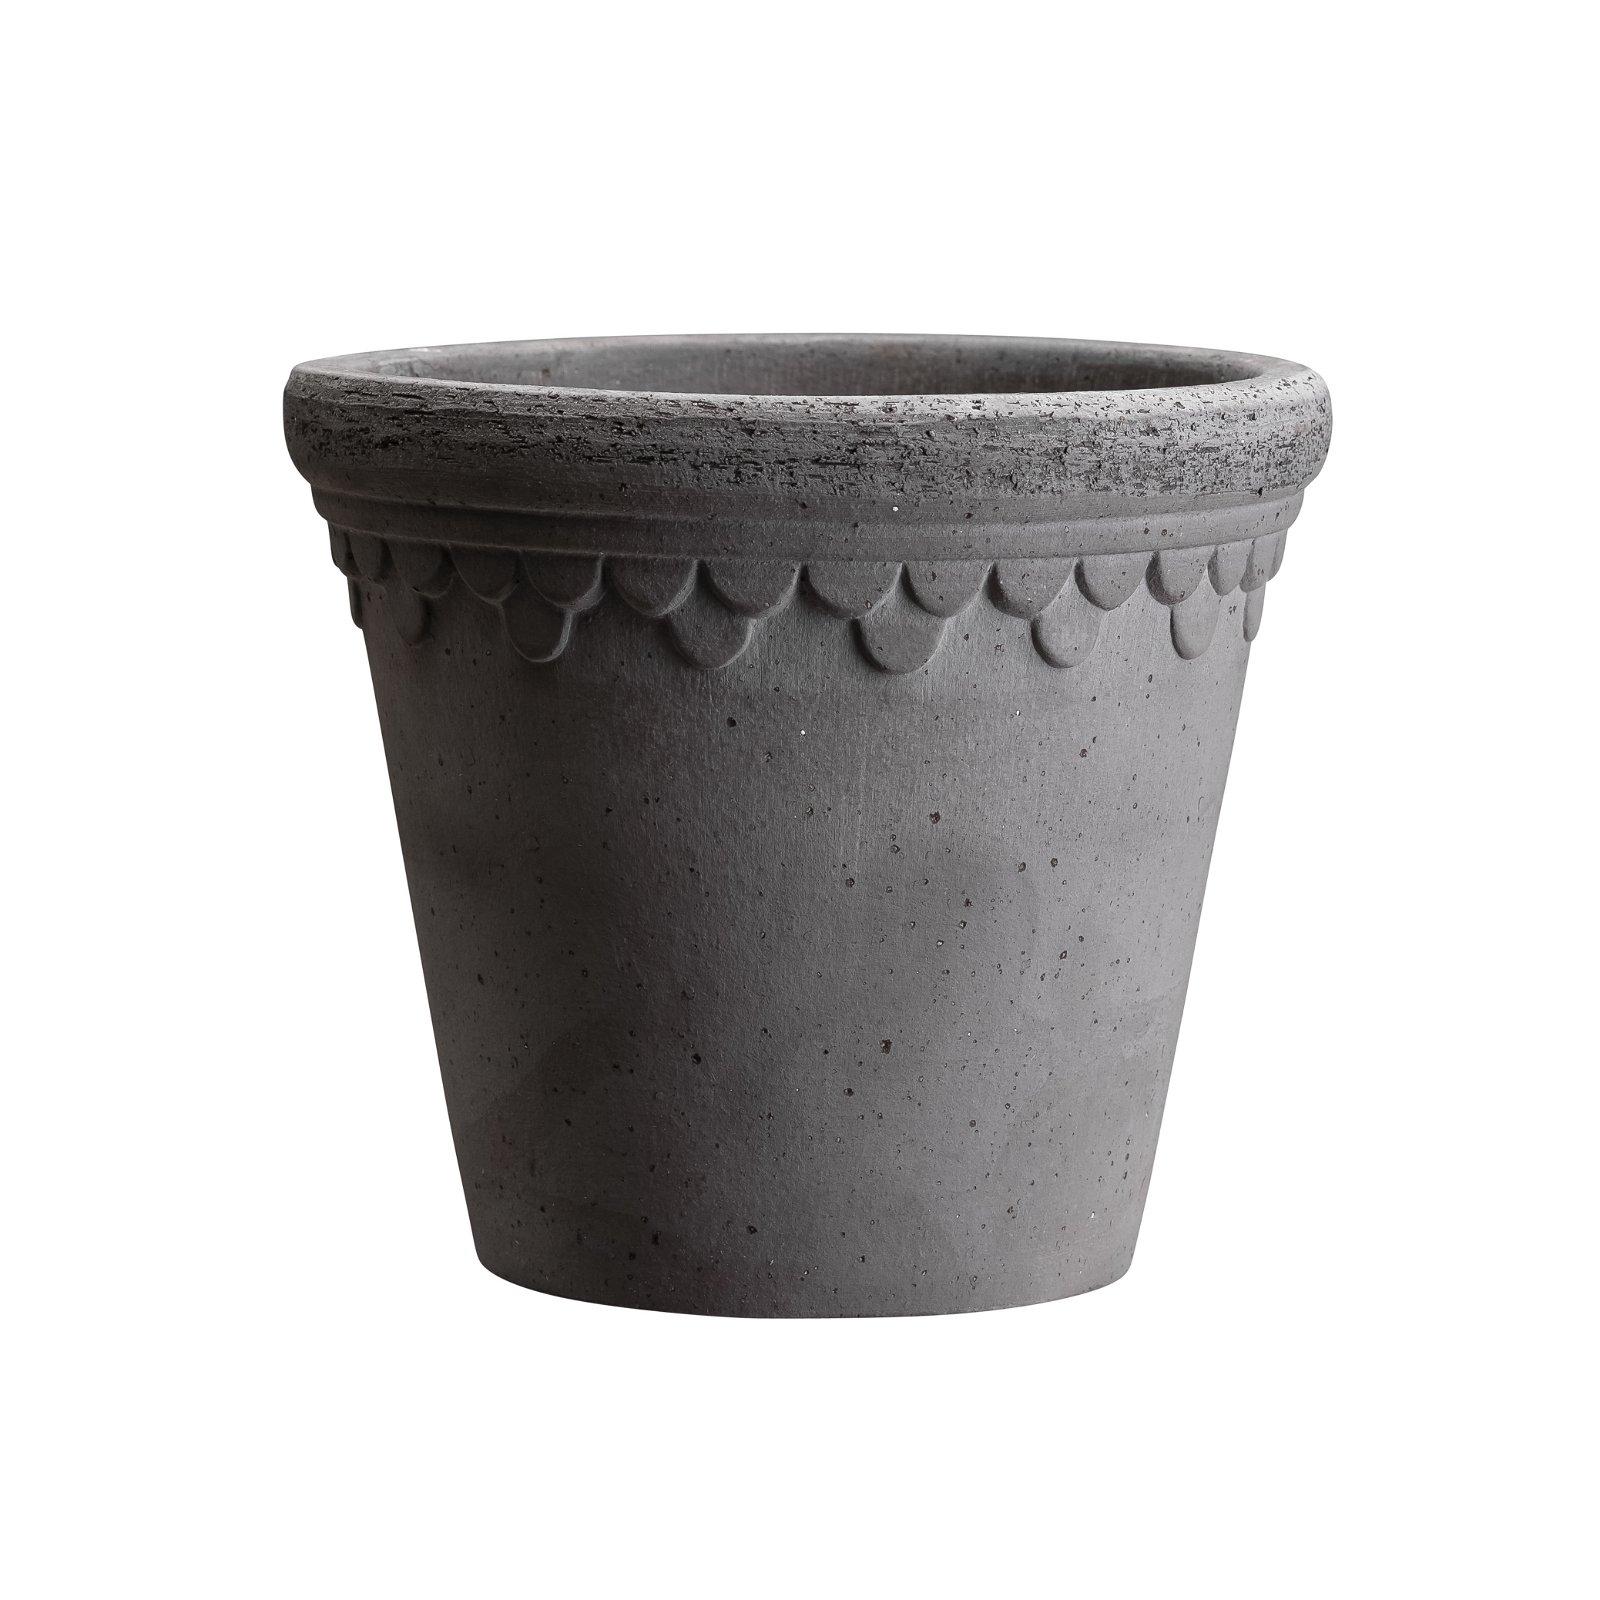 Bergs Potter, Københavner Grå, 30 cm, Potte